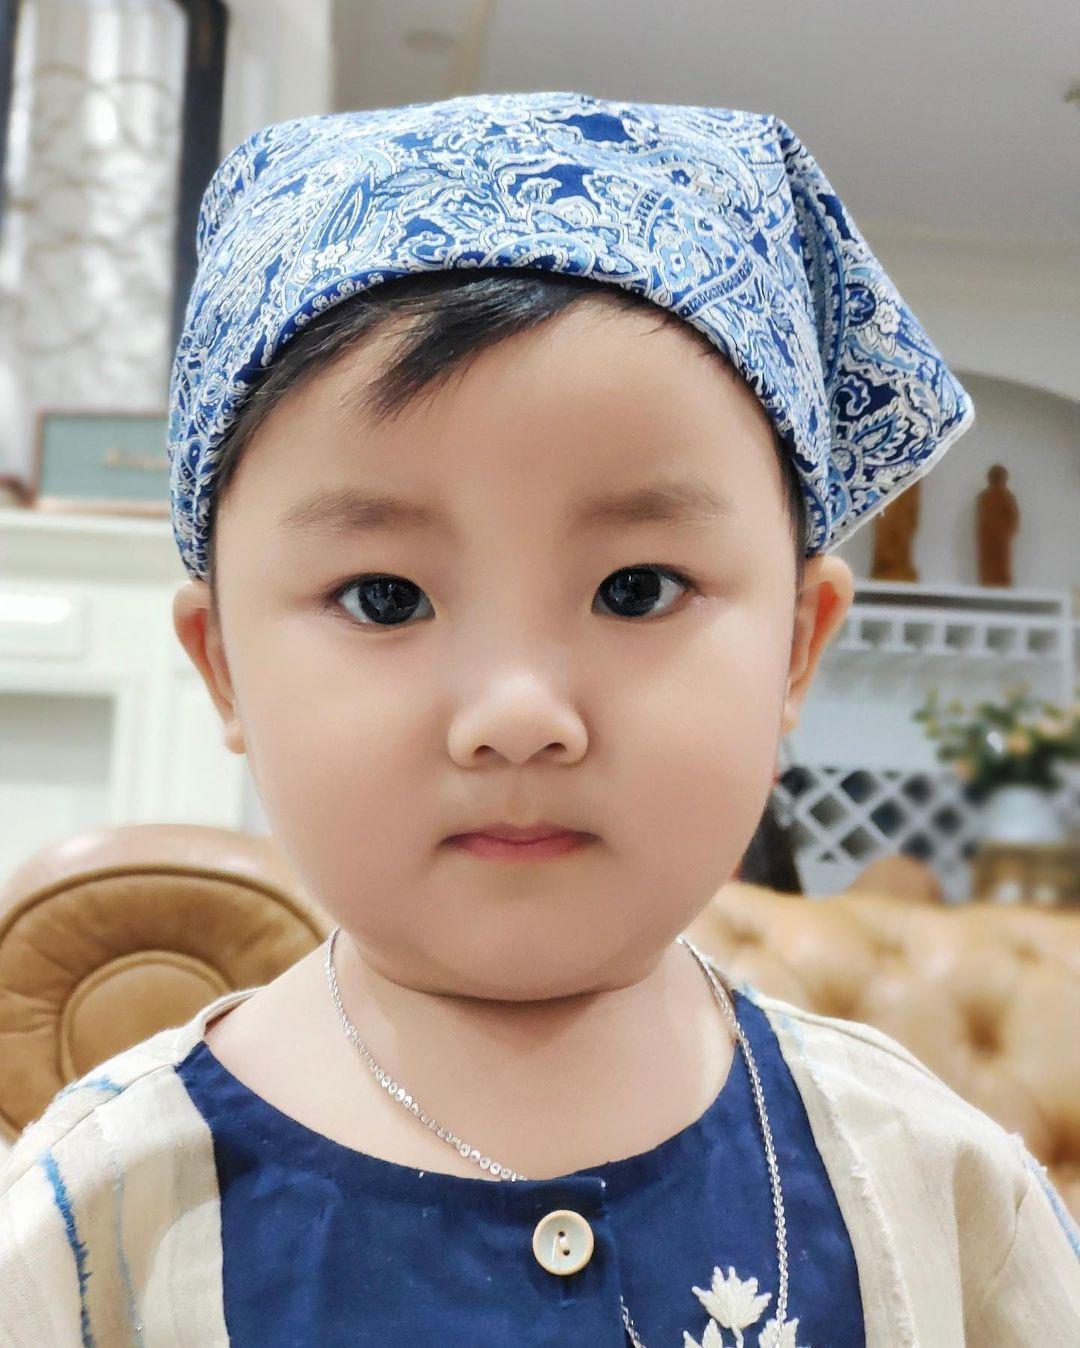 Con trai 2 tuổi đáng yêu của Hòa Minzy và doanh nhân Minh Hải